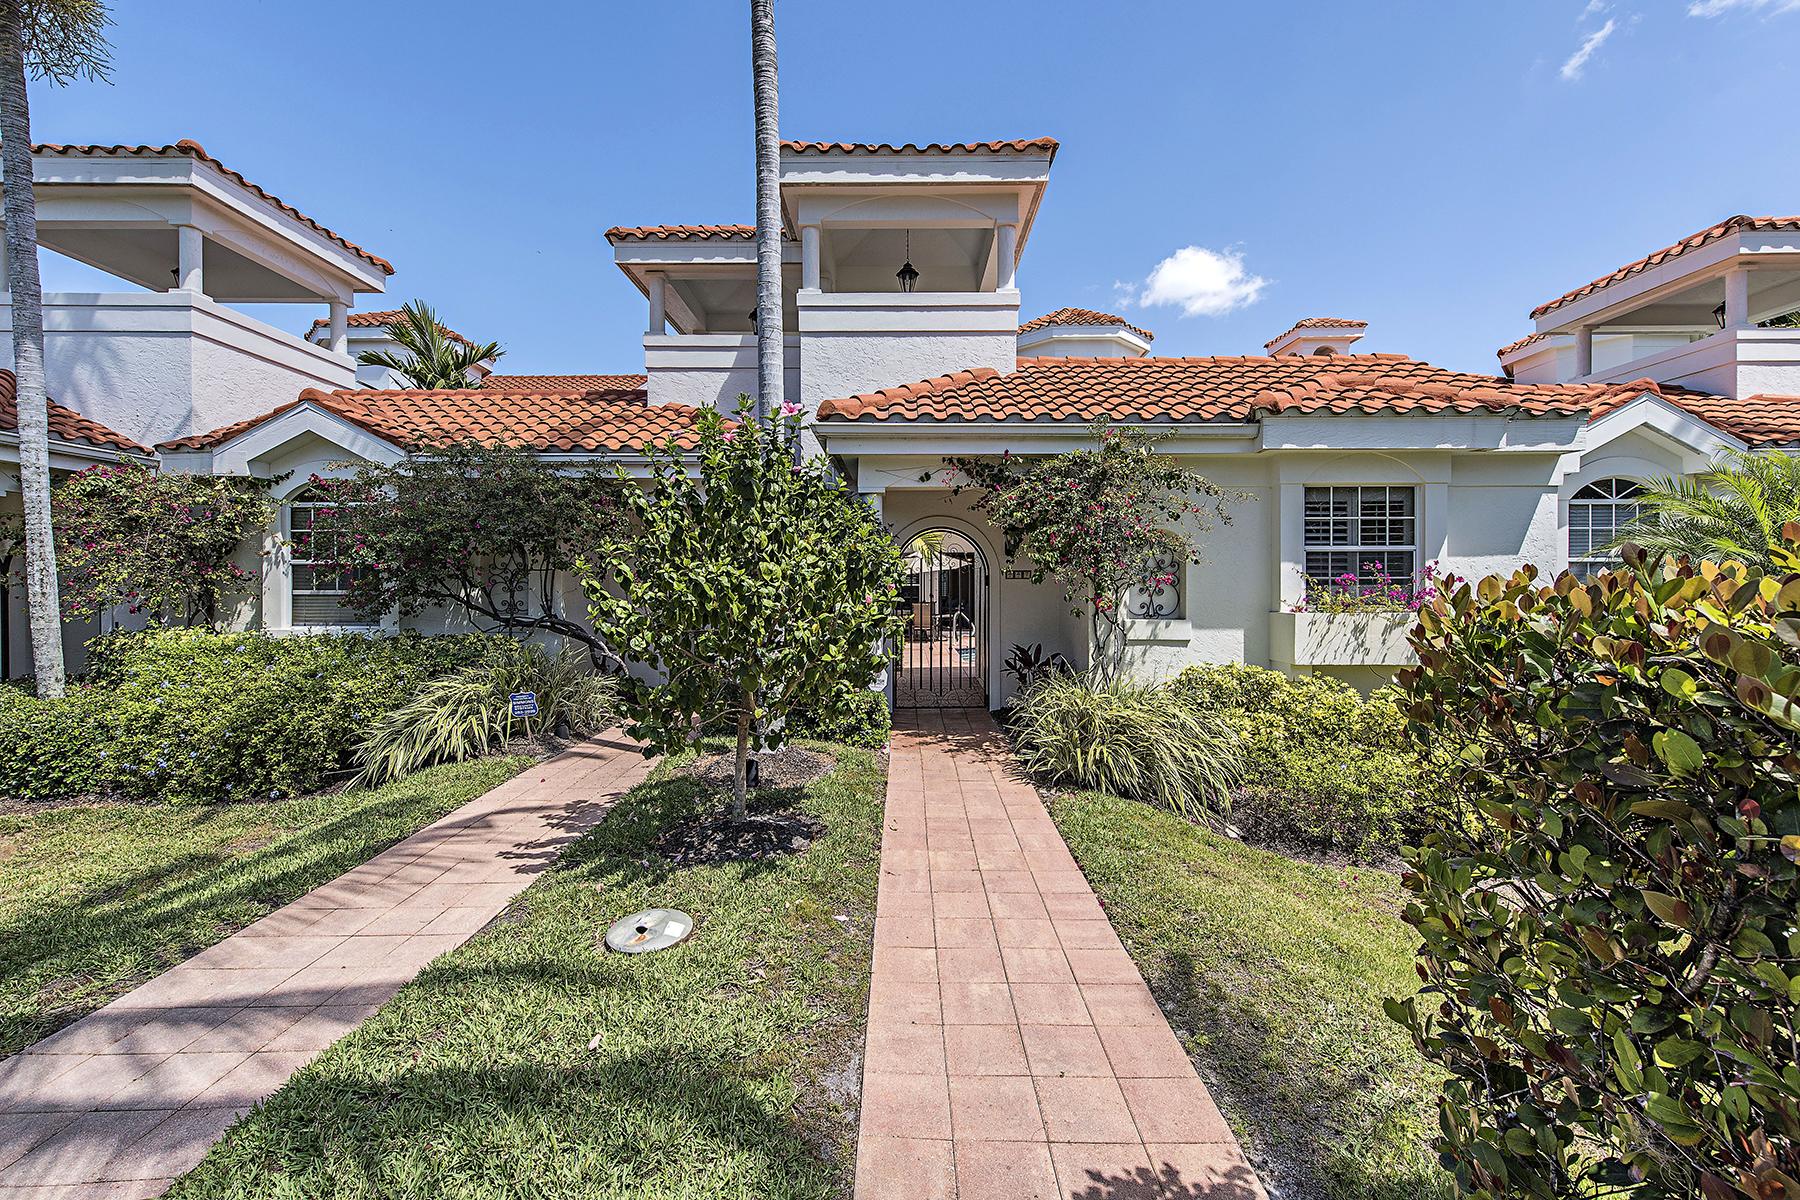 联栋屋 为 销售 在 VILLAS DEL MAR 447 2nd Ave S E-1 Old Naples, 那不勒斯, 佛罗里达州, 34102 美国